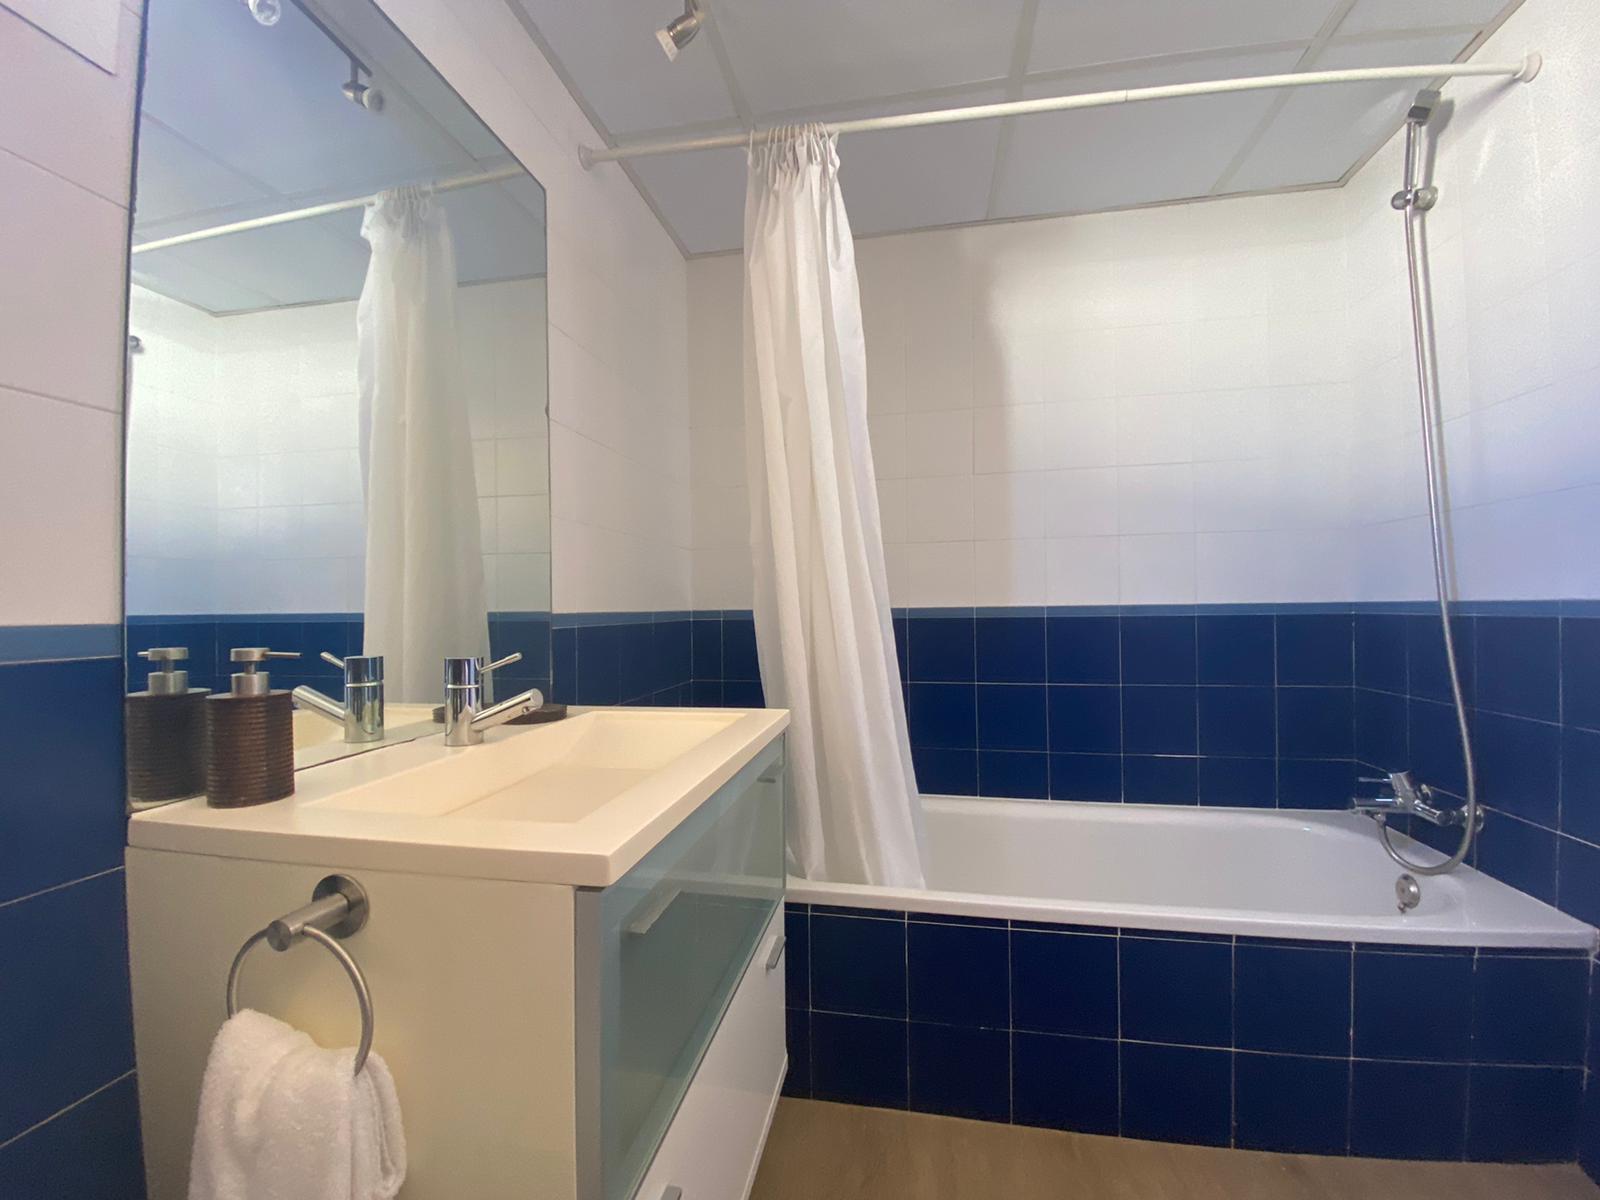 Imagen 21 del Apartamento Turístico, Ático 6 Central (3d+2b), Punta del Moral (HUELVA), Paseo de la Cruz nº22